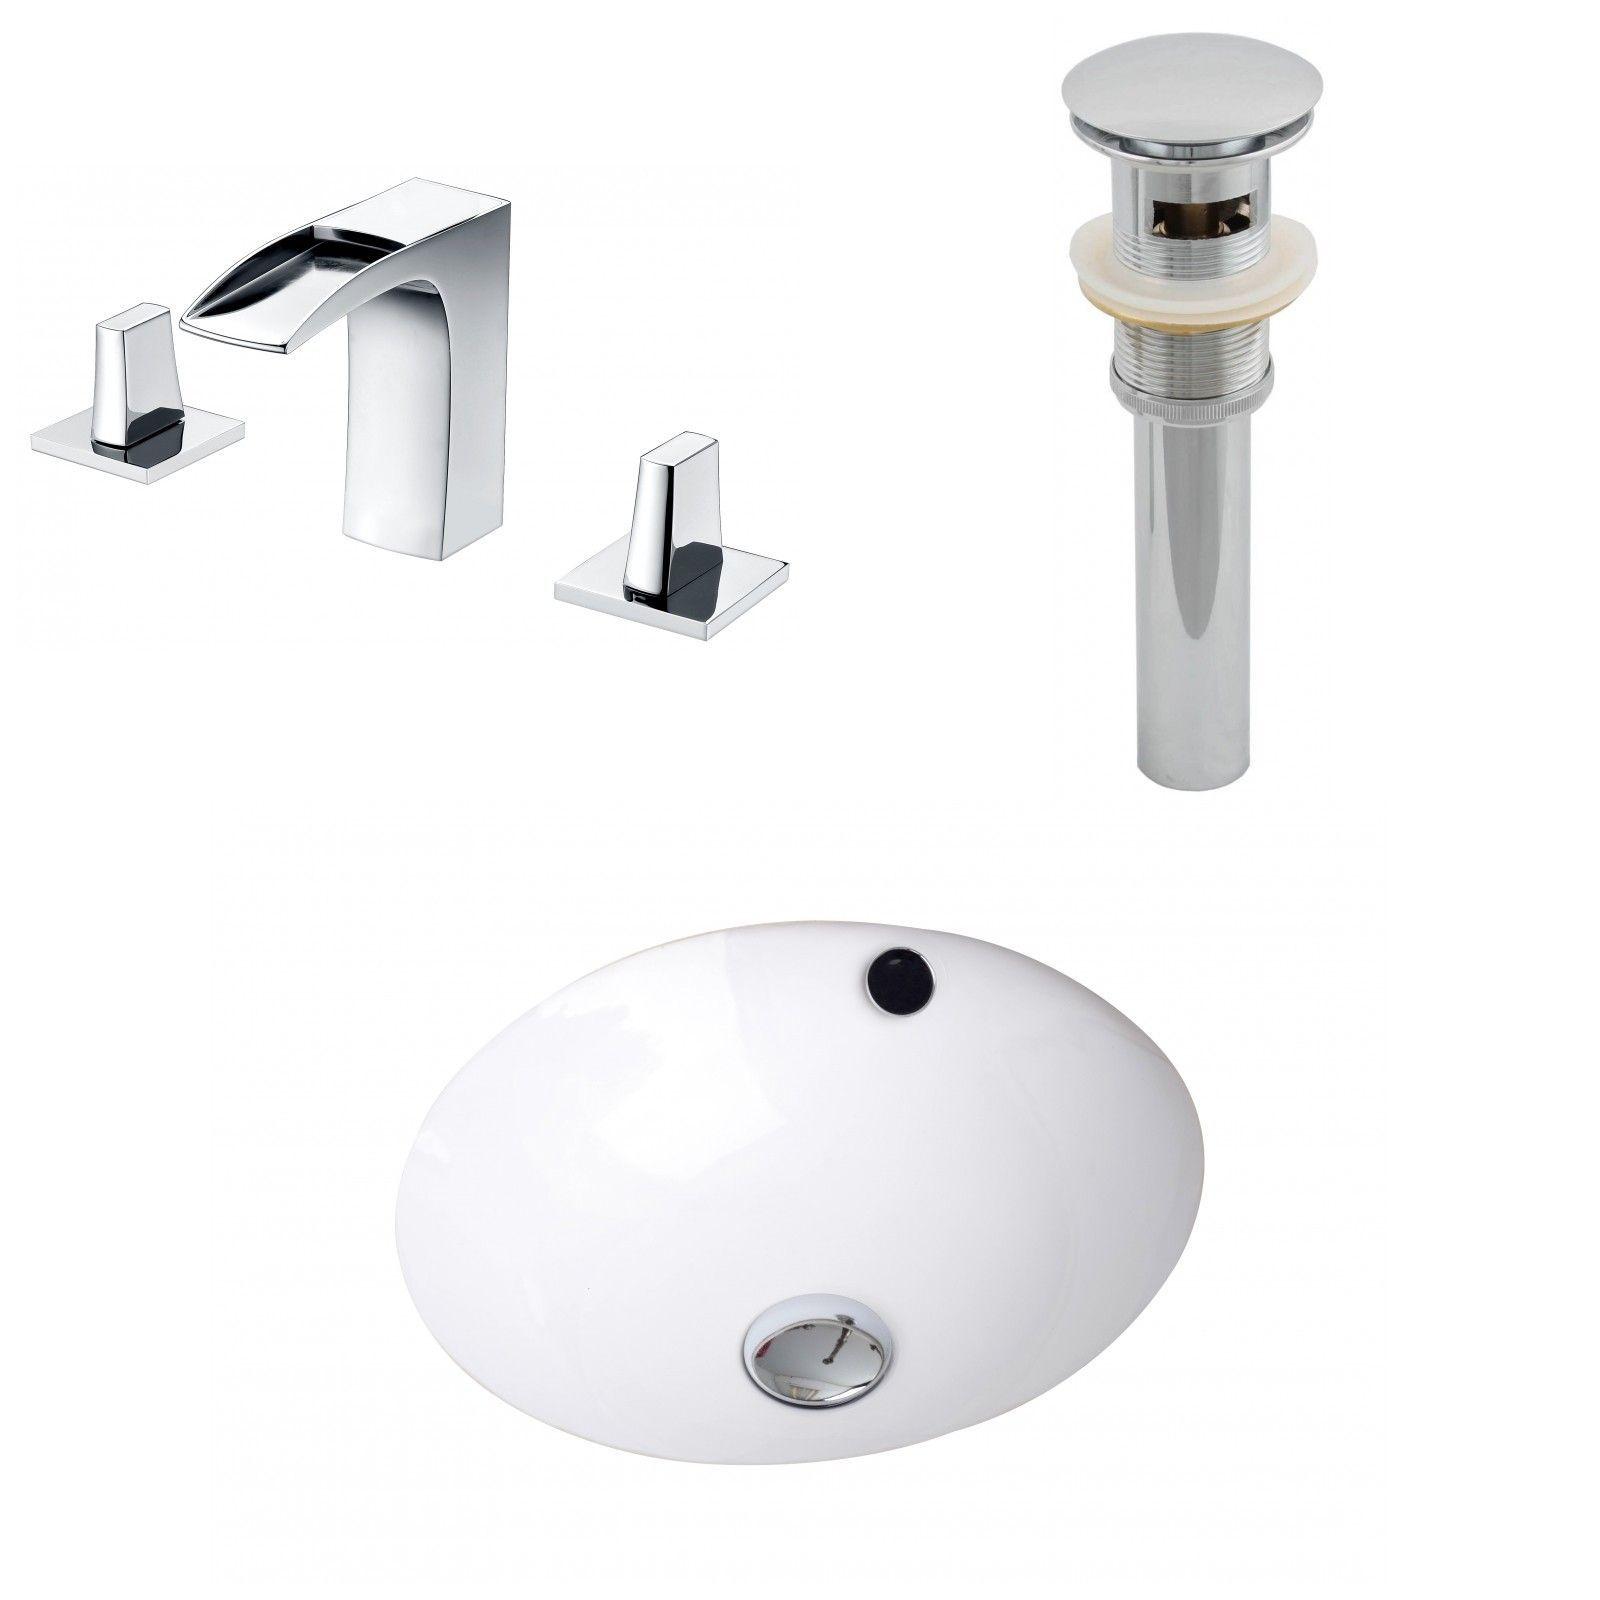 American Standard Ovalyn Oval Undermount Bathroom Sink With Overflow  Bathroom Undermount Bathroom Sink And American Standard